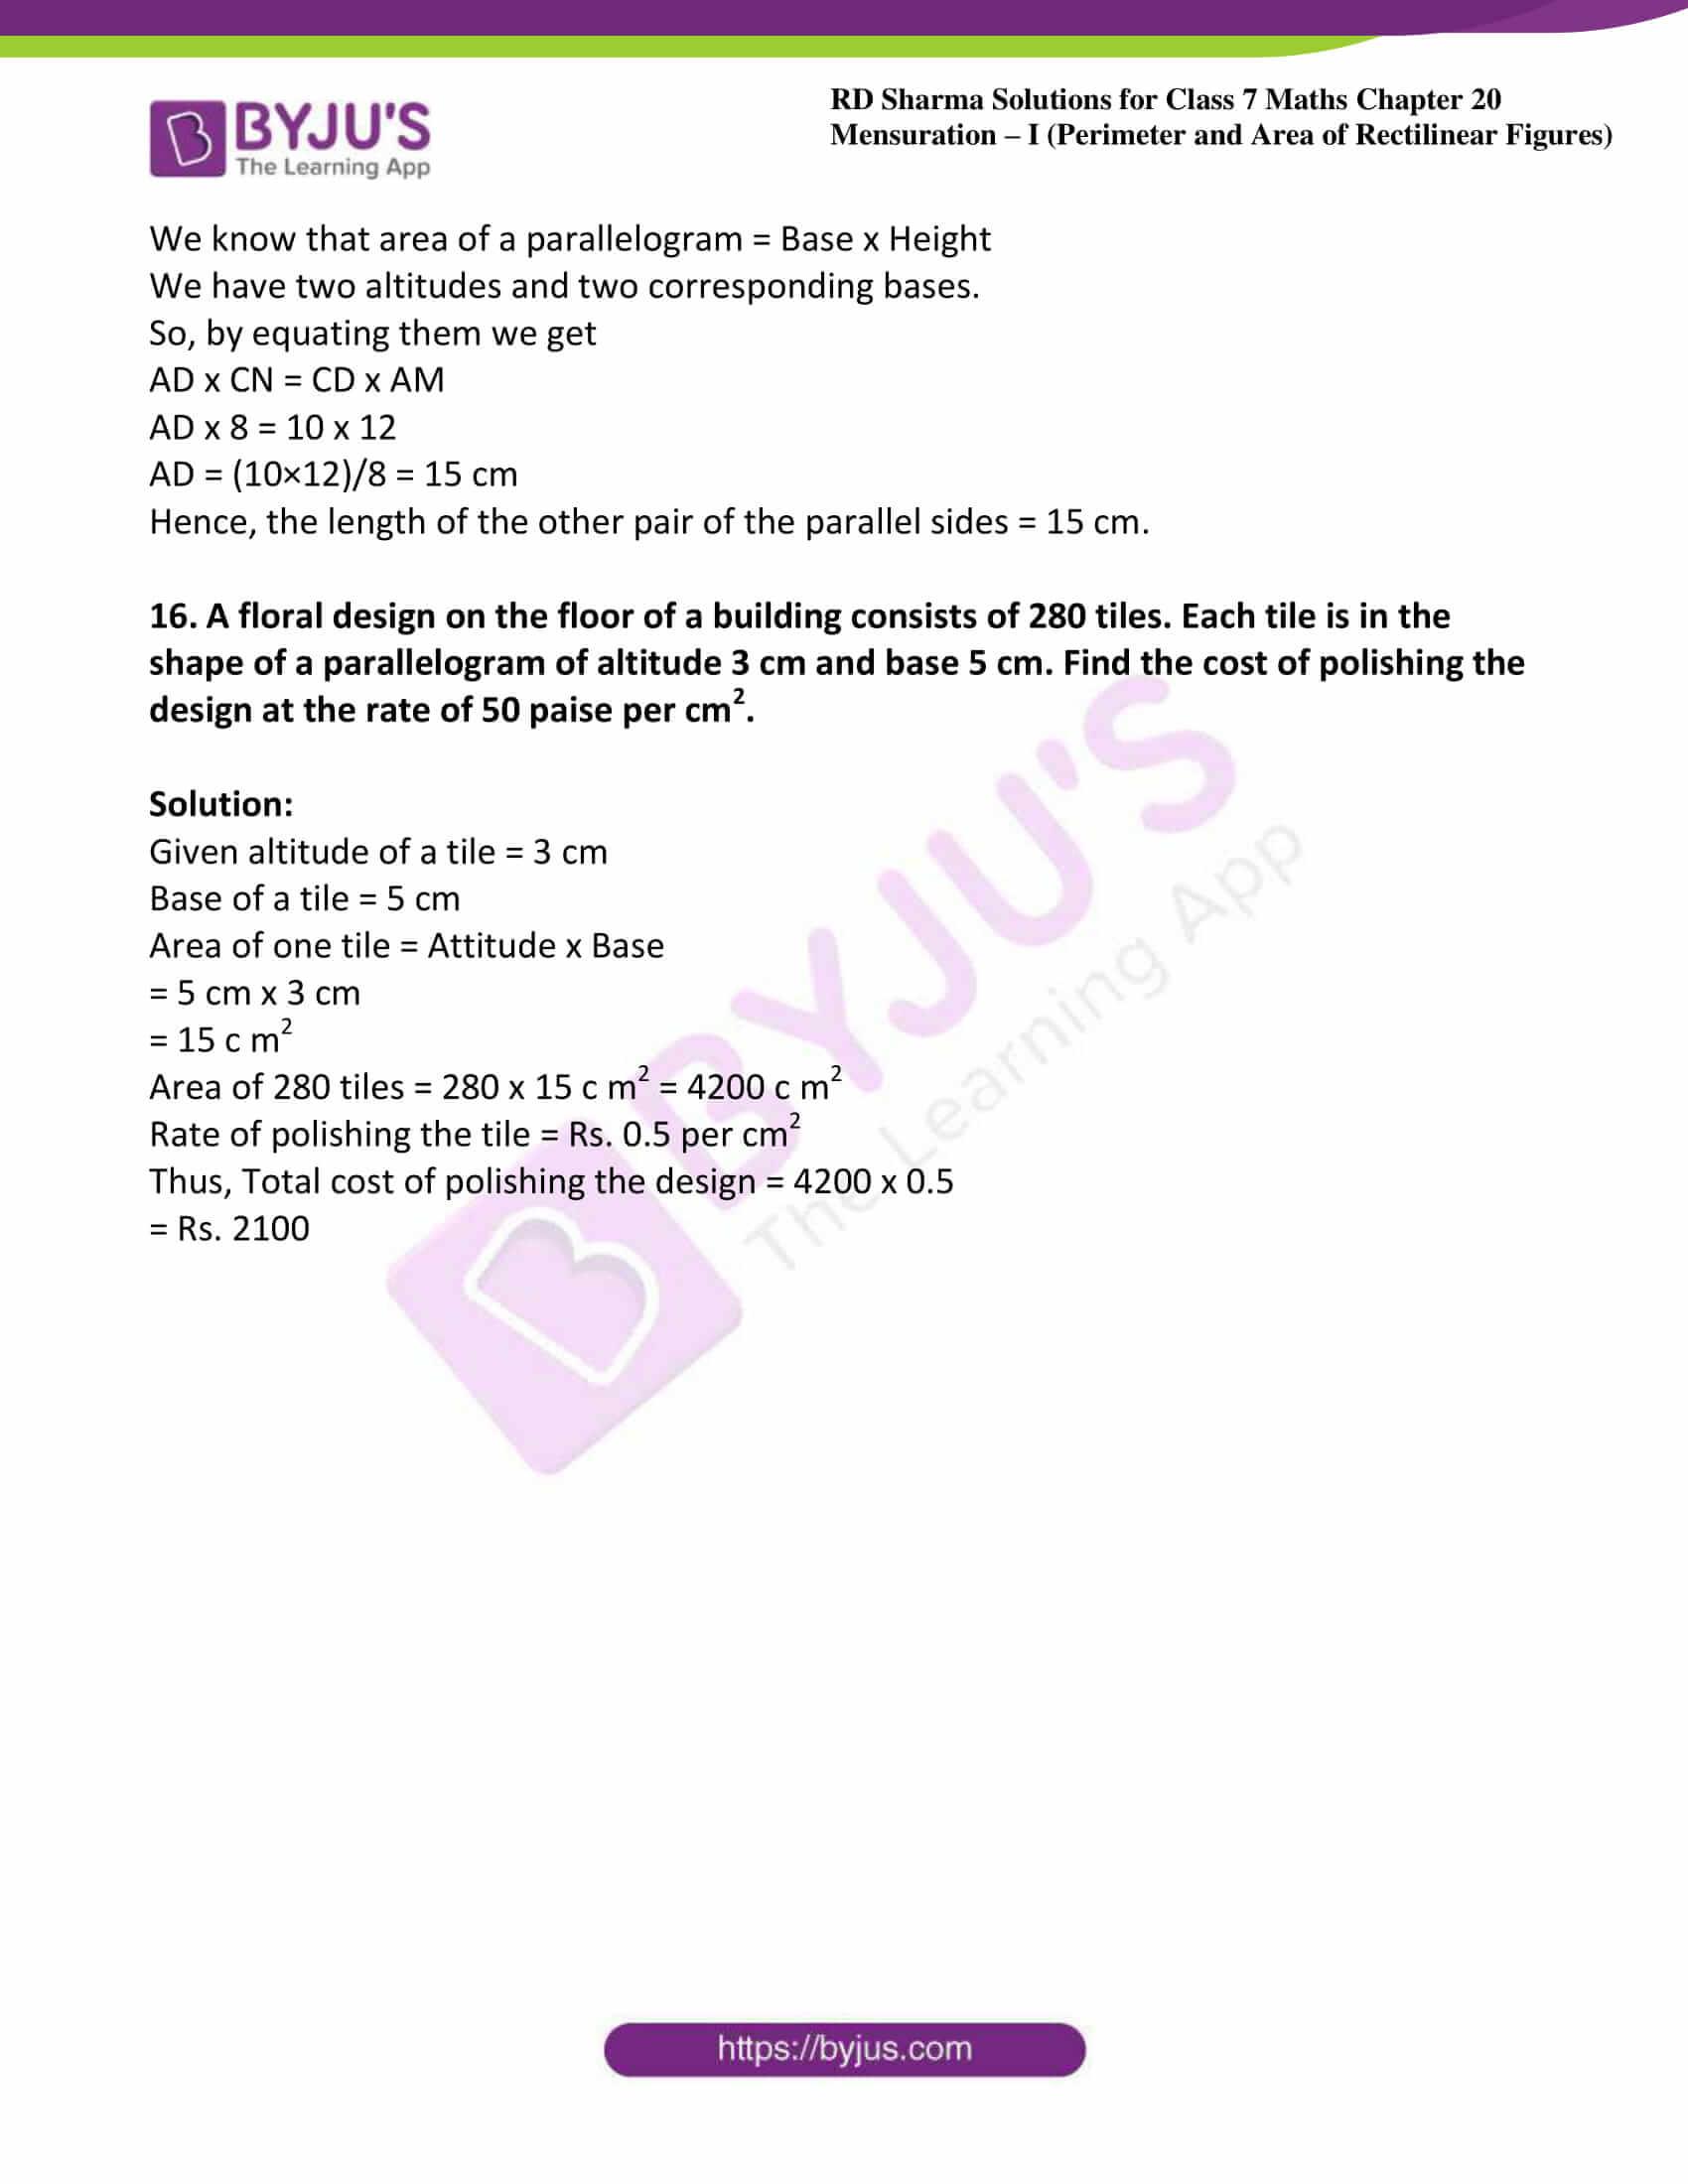 rd sharma maths class7 solution chapter 20 ex 3 11